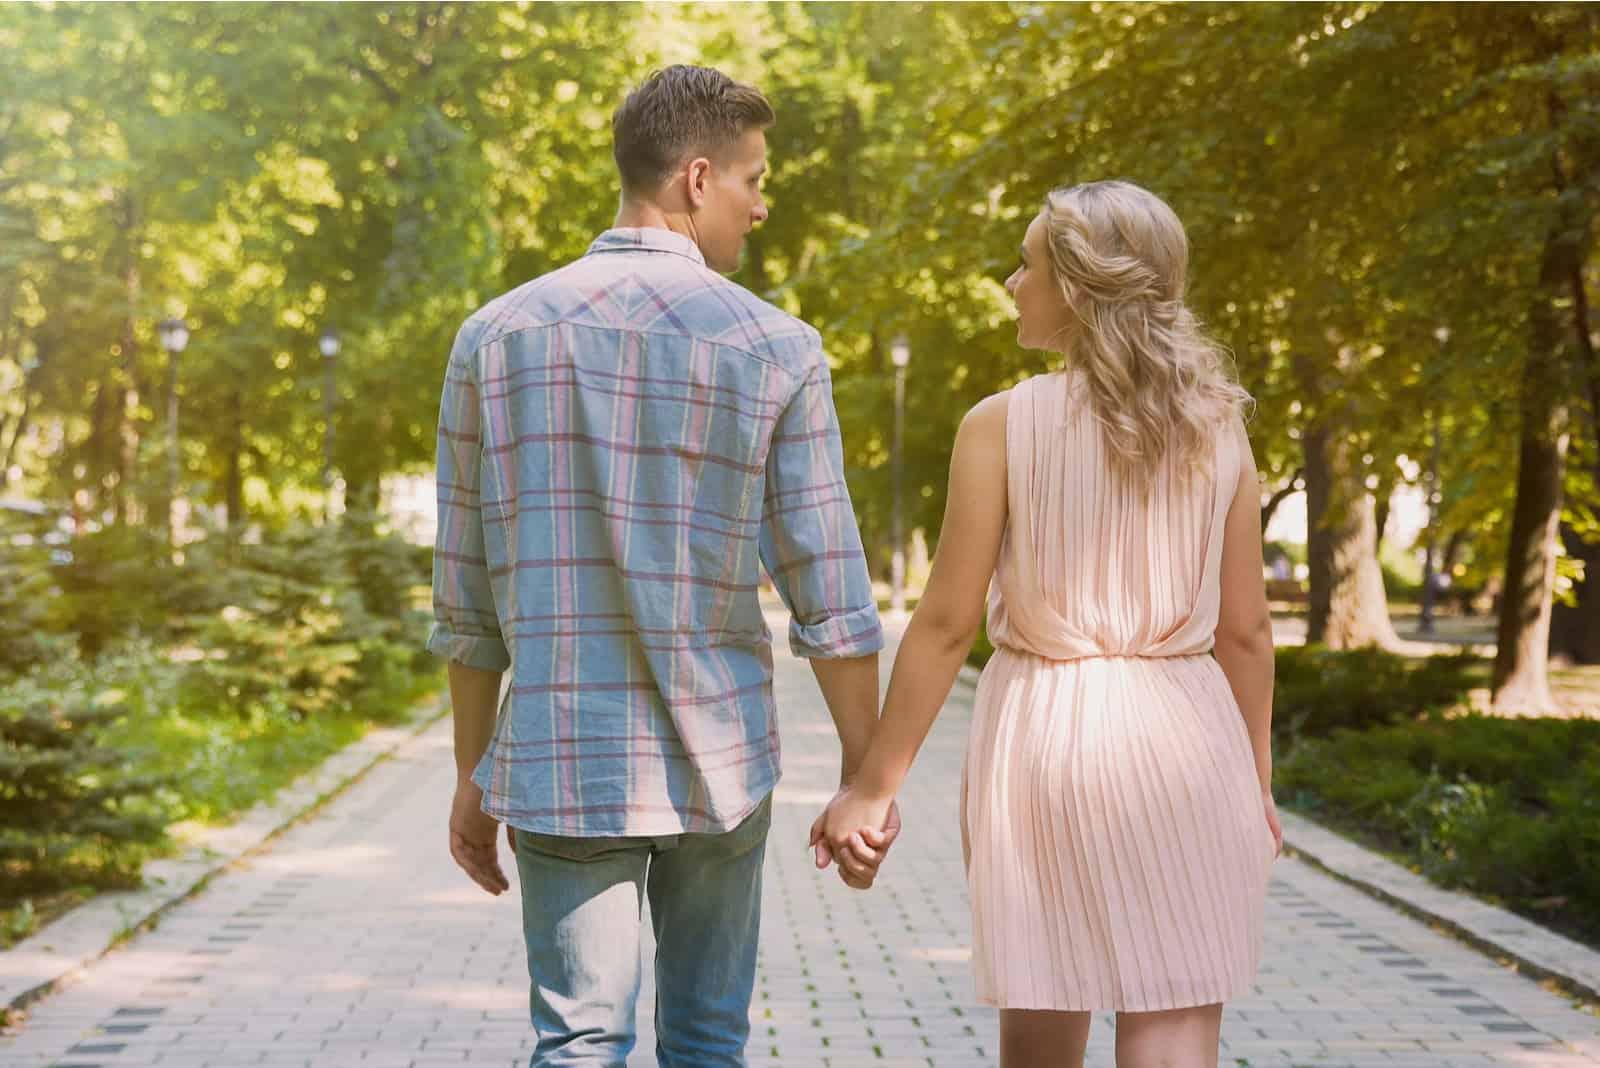 verliebtes Paar Händchen haltend